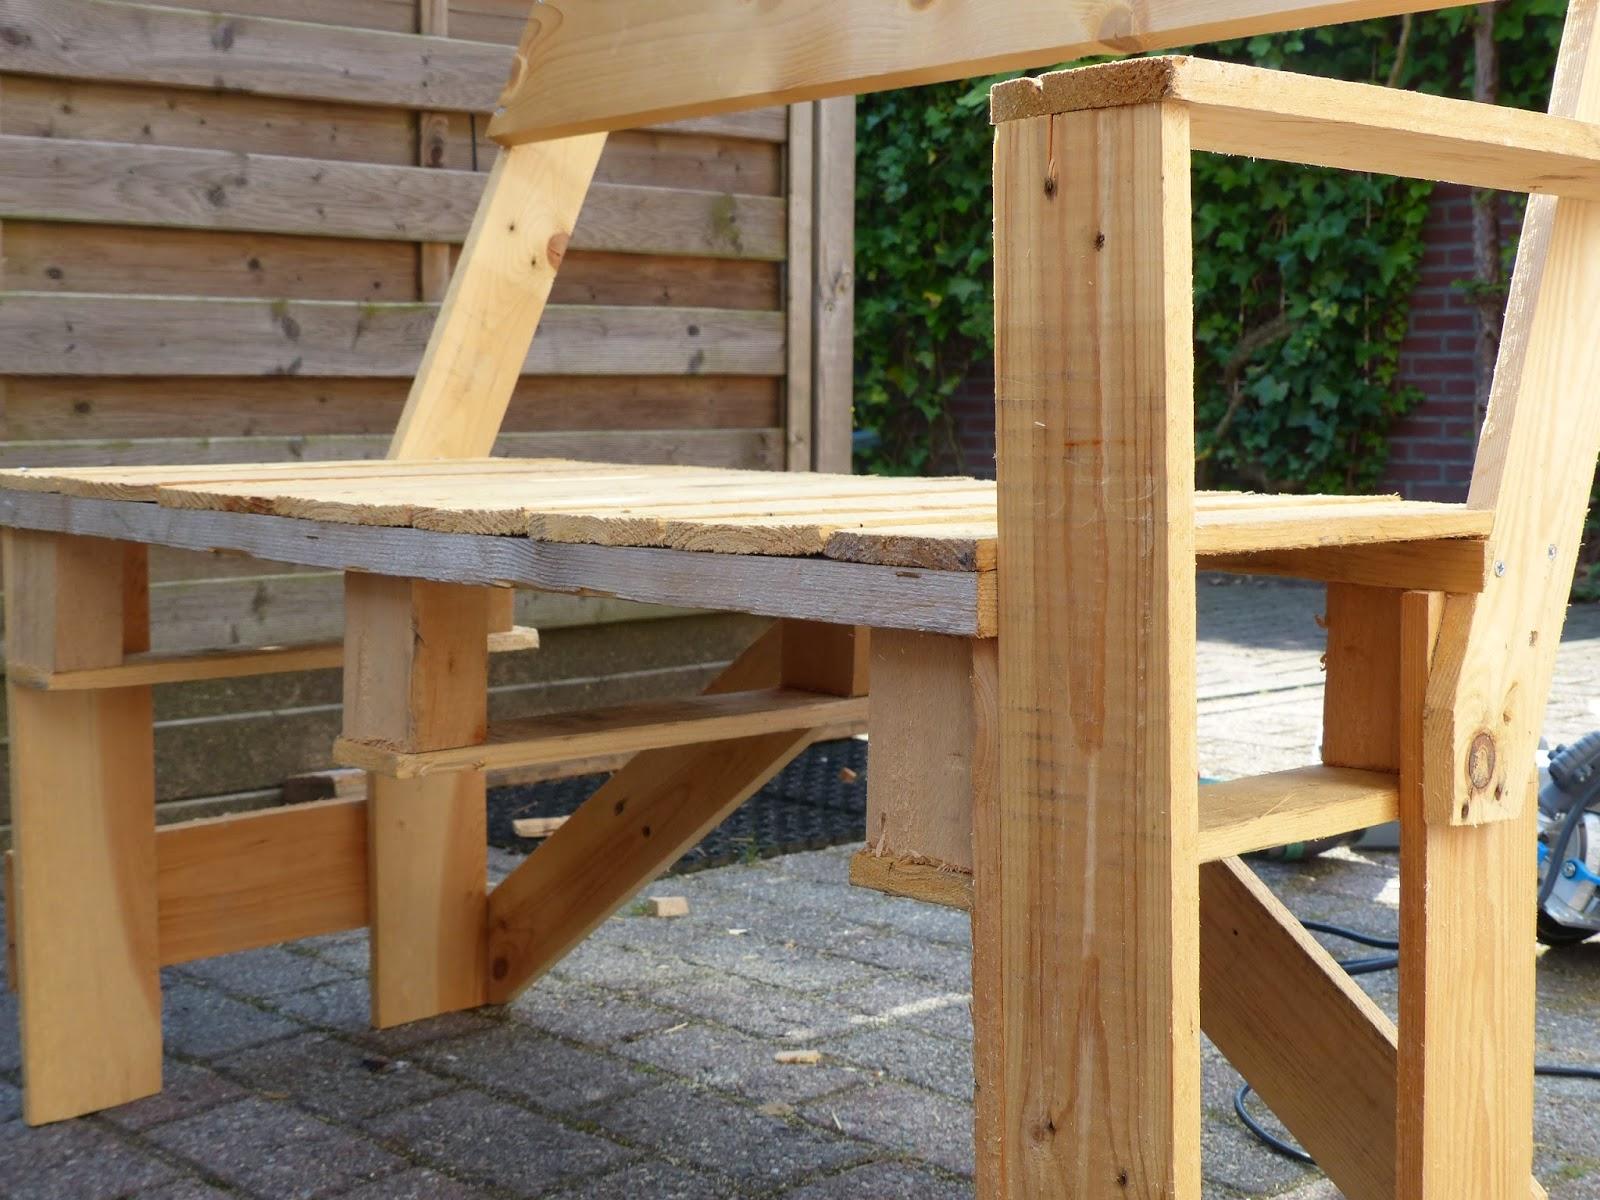 Sendsomeloveblog: Bench made of pallets / Bankje van pallets